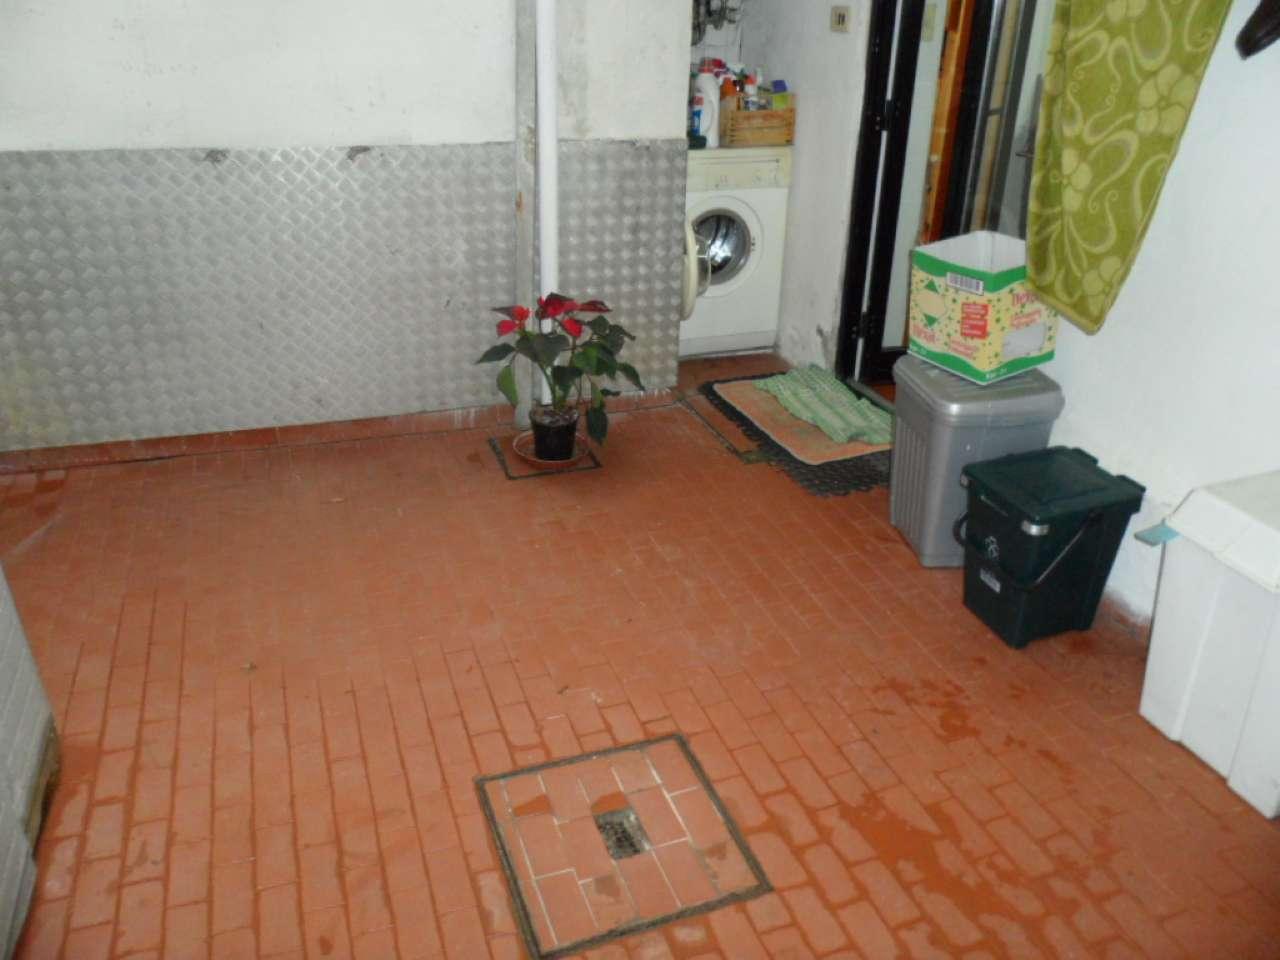 Palazzo / Stabile in vendita a Prato, 5 locali, prezzo € 185.000 | CambioCasa.it